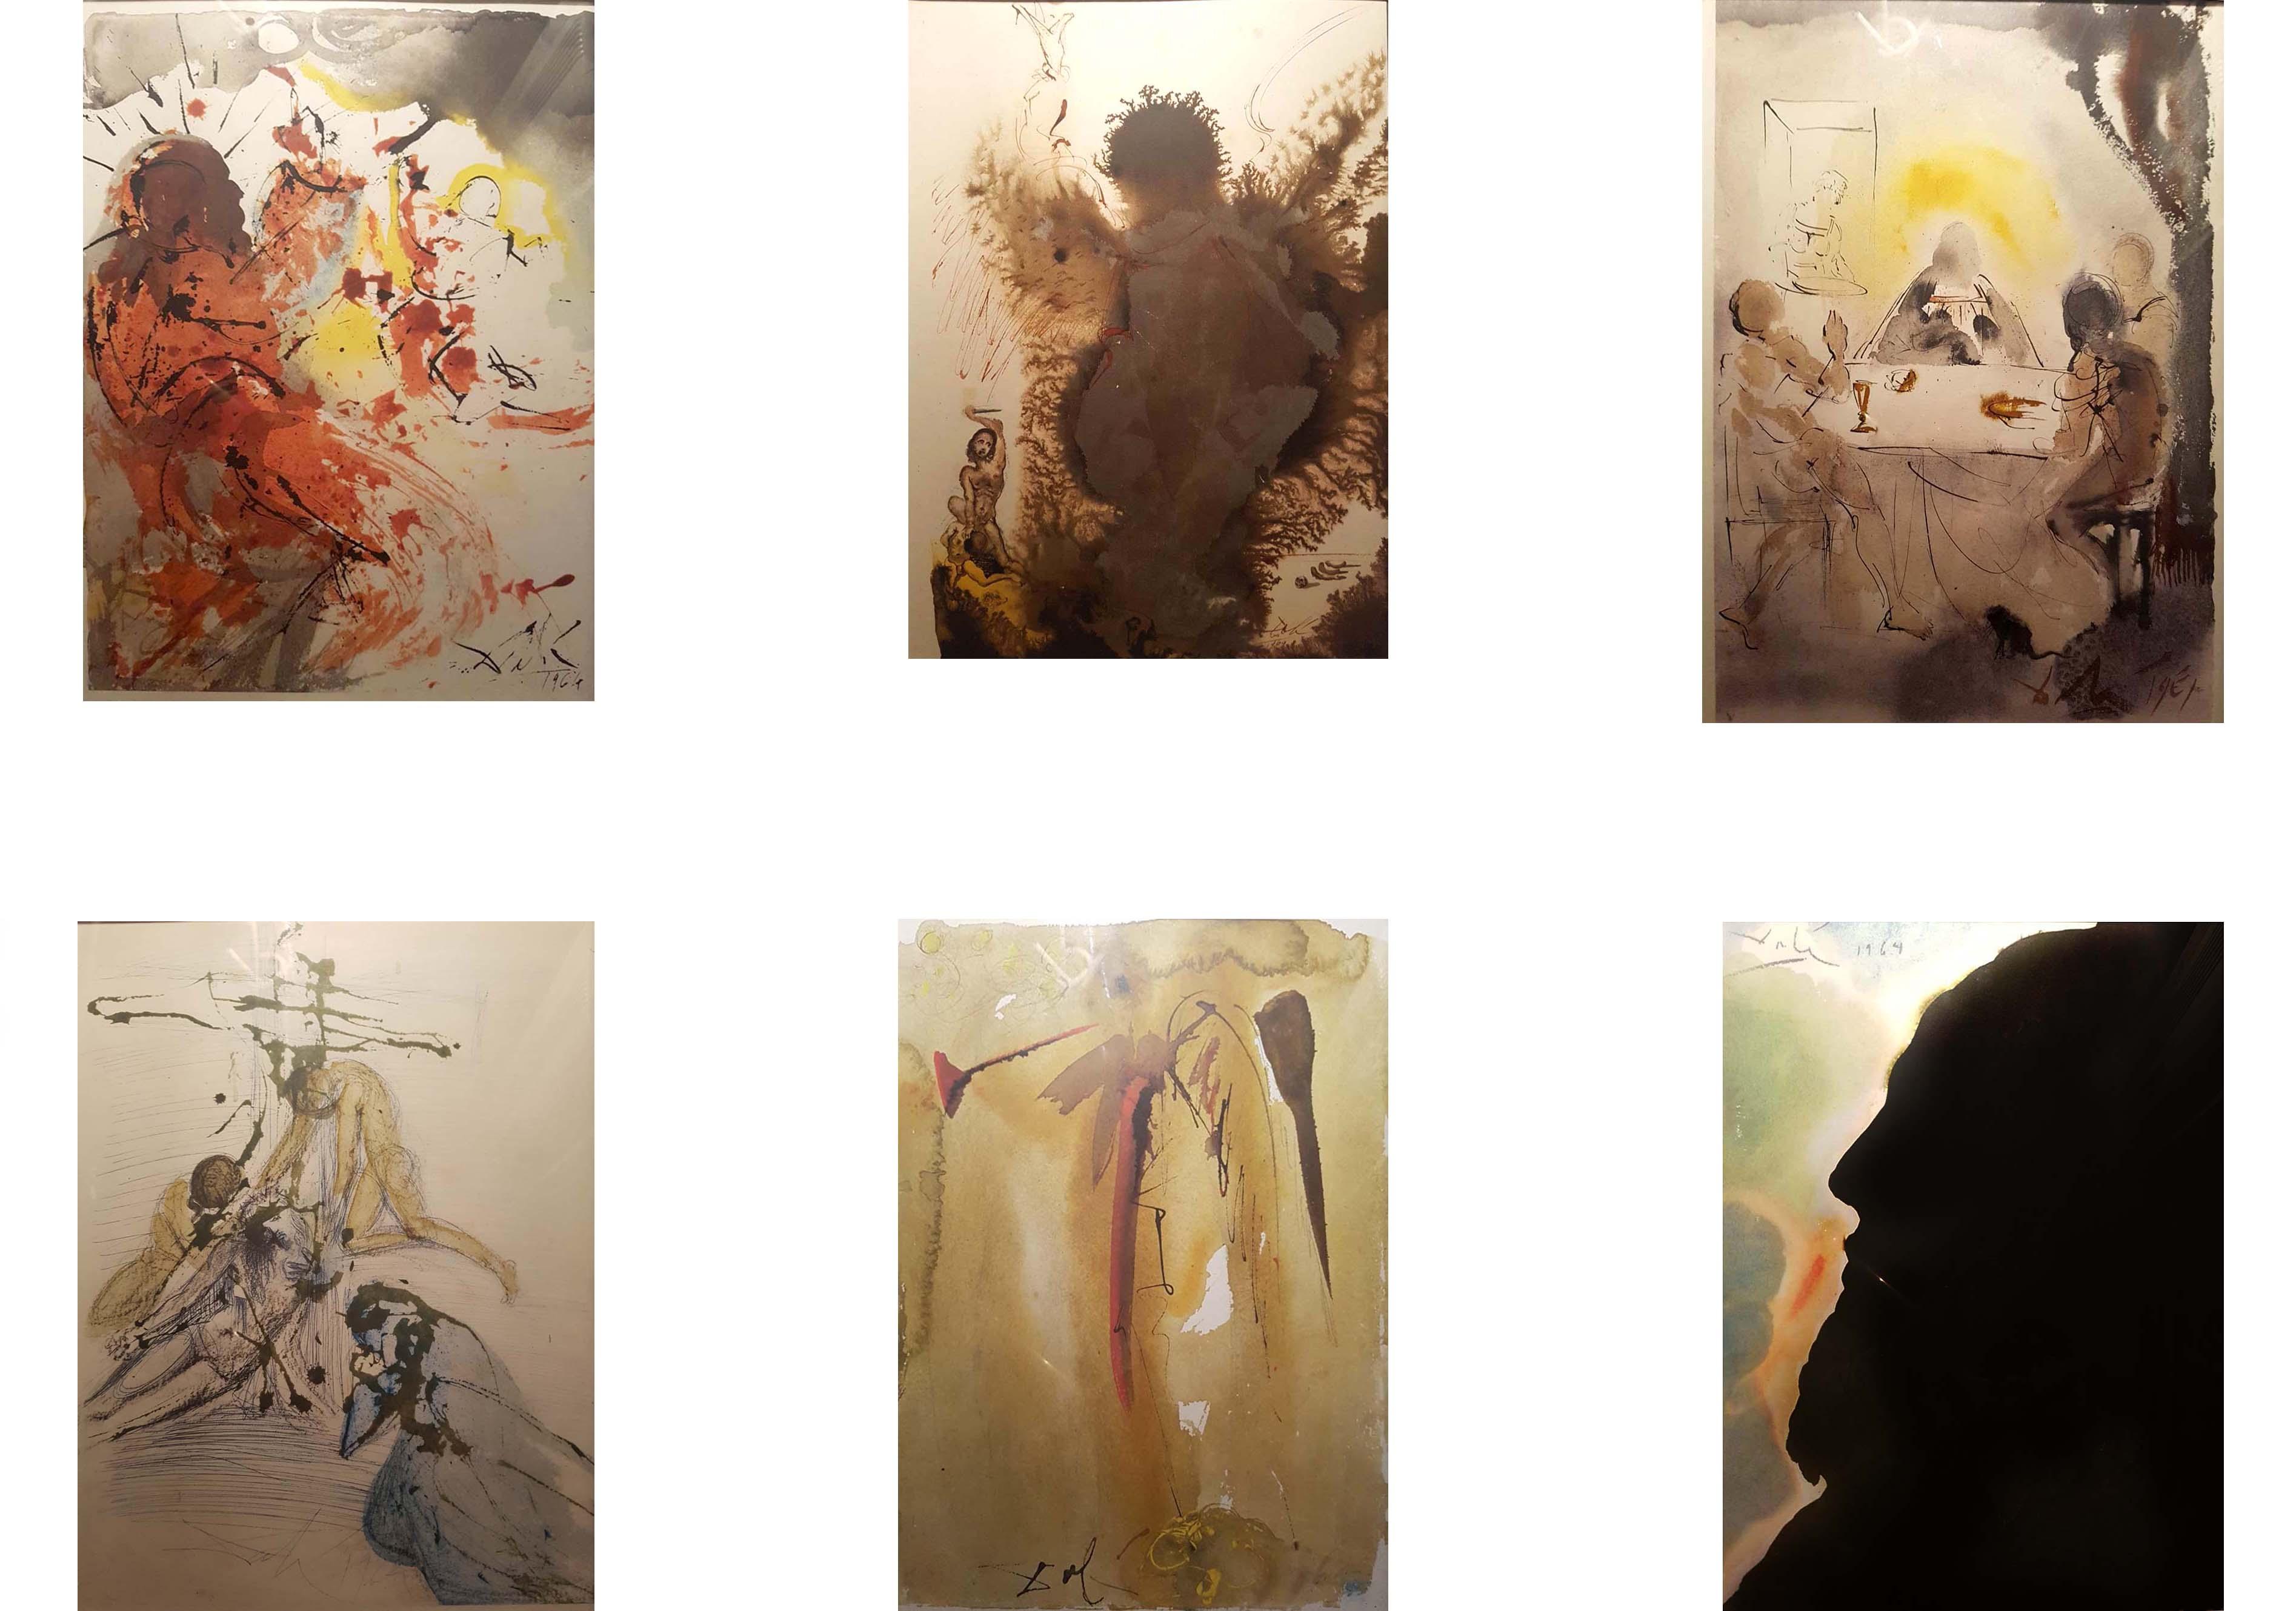 Rizzoli – Illustrazioni della Sacra Bibbia – Salvador Dalí